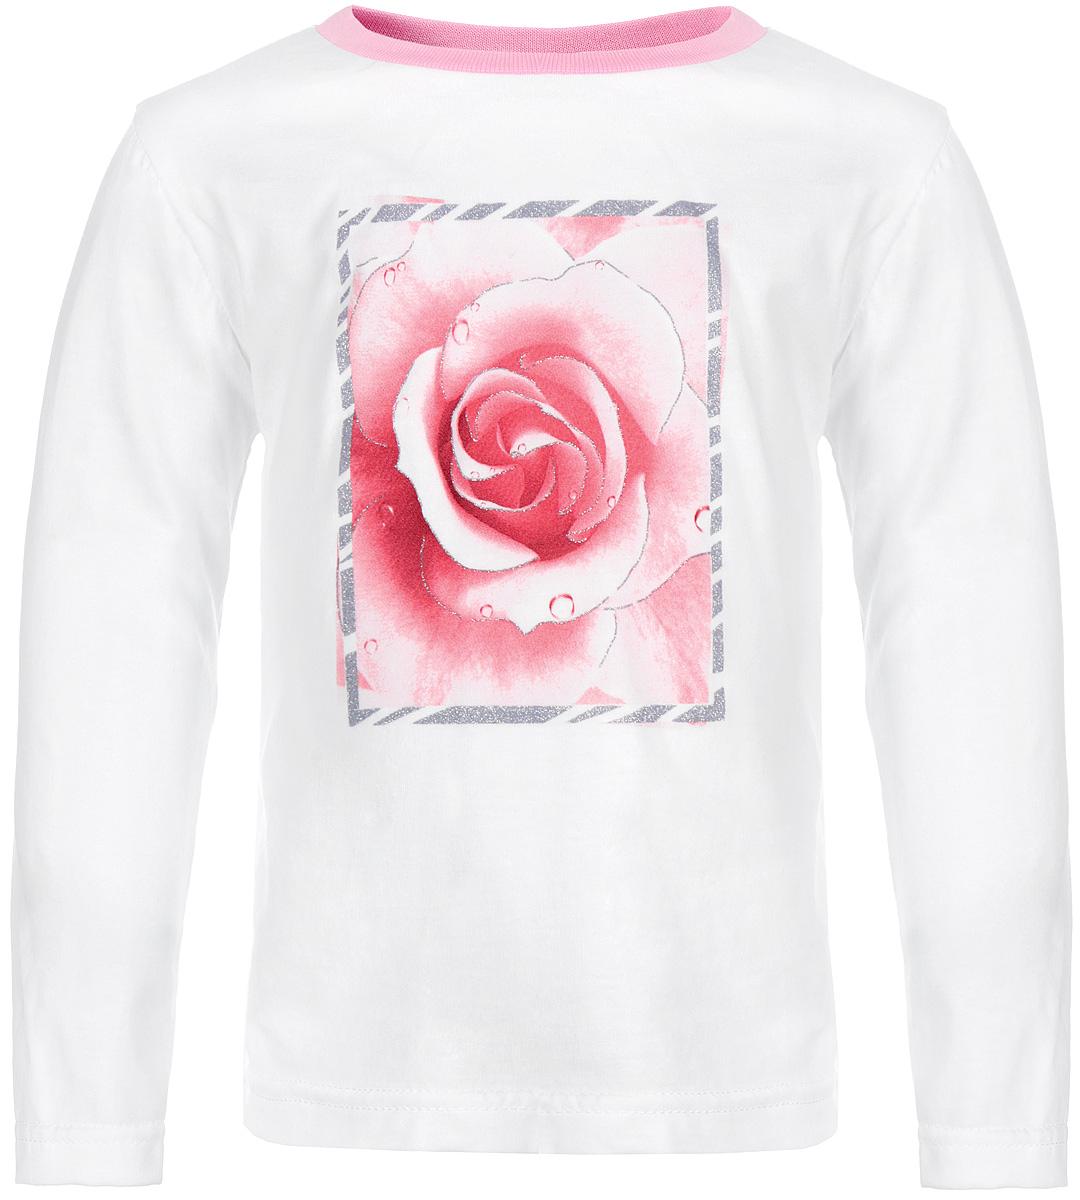 Футболка с длинным рукавом для девочки КотМарКот, цвет: белый, розовый. 15563. Размер 98, 3 года15563Стильная футболка с длинным рукавом для девочки КотМарКот идеально подойдет вашей моднице. Изготовленная из натурального хлопка, она мягкая и приятная на ощупь, не сковывает движения и позволяет коже дышать, не раздражает даже самую нежную и чувствительную кожу ребенка, обеспечивая наибольший комфорт. Футболка прямого кроя с длинными рукавами и круглым вырезом горловины оформлена изящной розой в блестящей рамке. Вырез горловины дополнен трикотажной эластичной резинкой.Современный дизайн и модная расцветка делают эту футболку стильным предметом детского гардероба. В ней ваша принцесса будет чувствовать себя уютно и комфортно, и всегда будет в центре внимания!